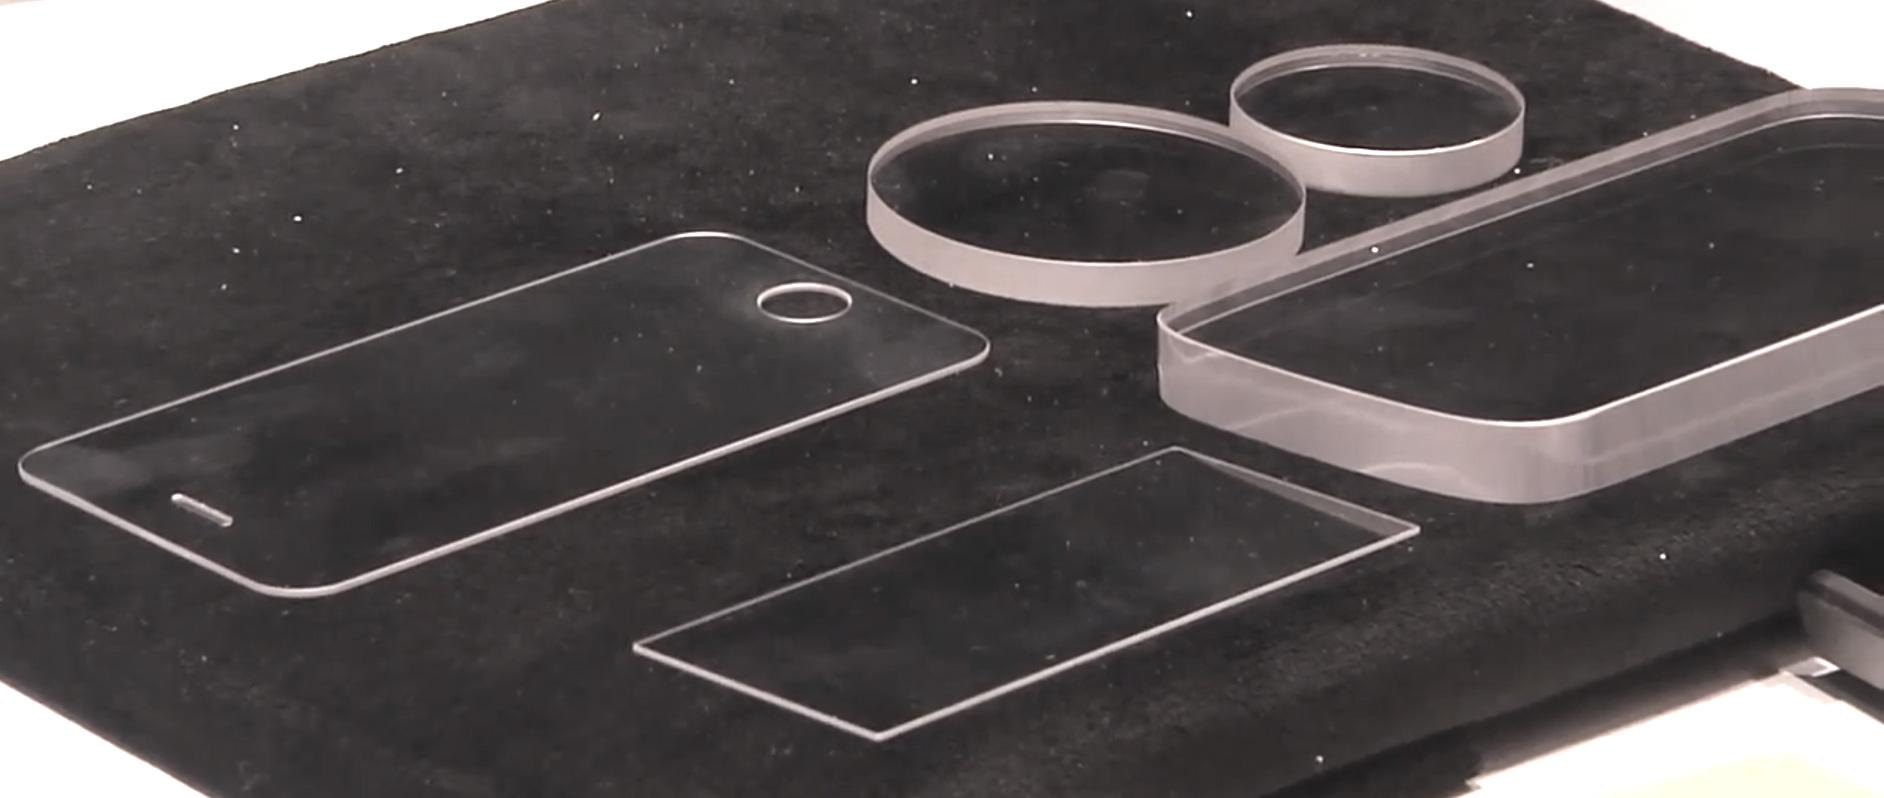 Стекло с покрытием из синтетического сапфира для iPhone